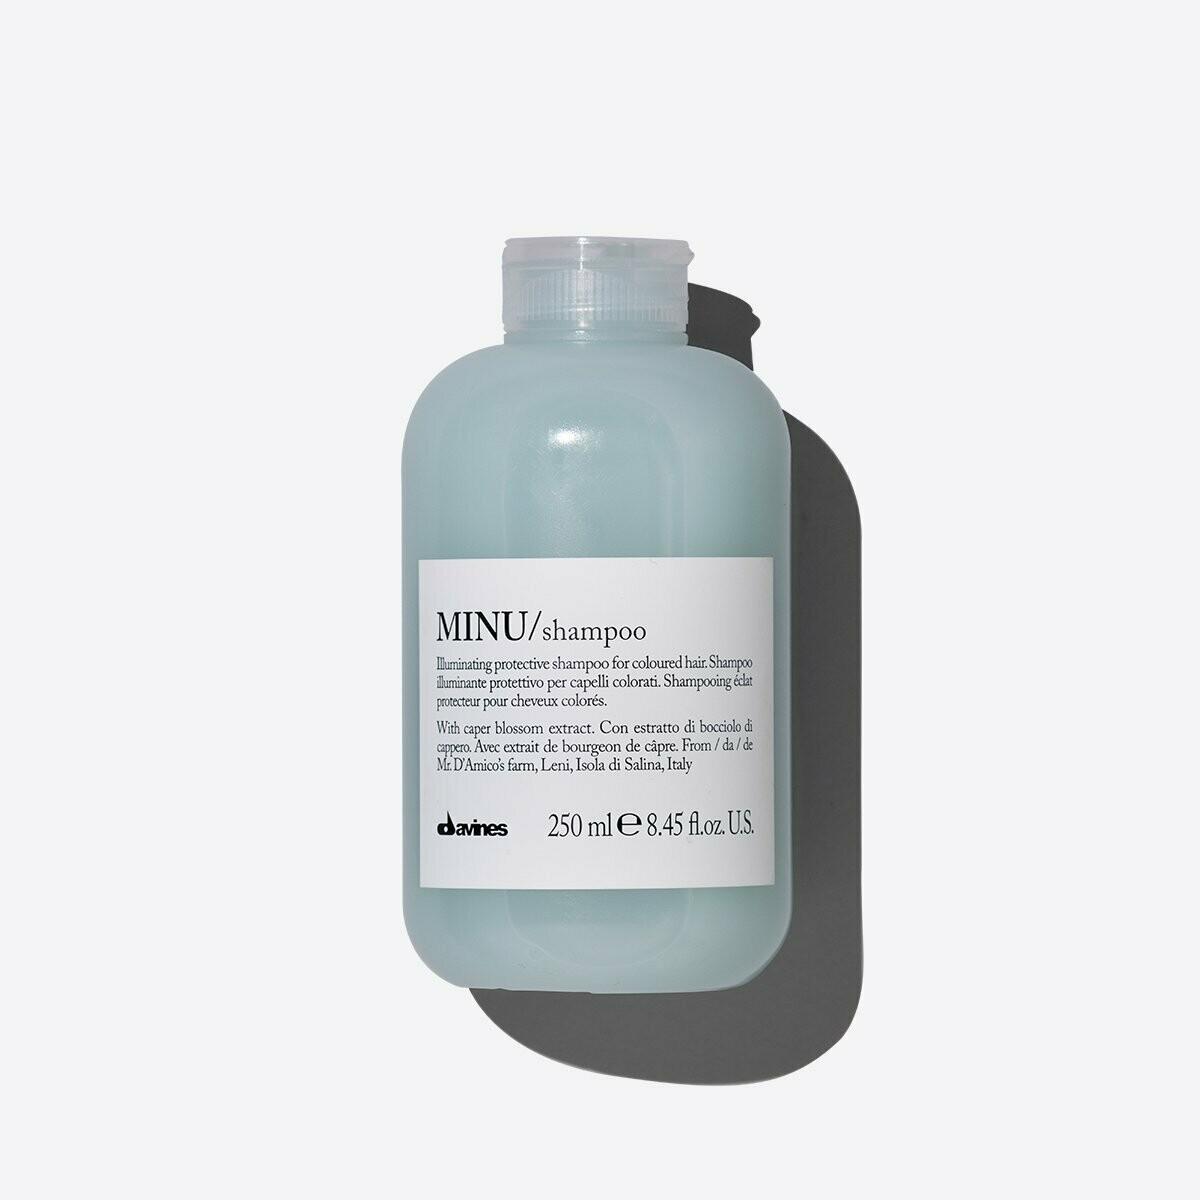 MINU Shampoo 250 ml